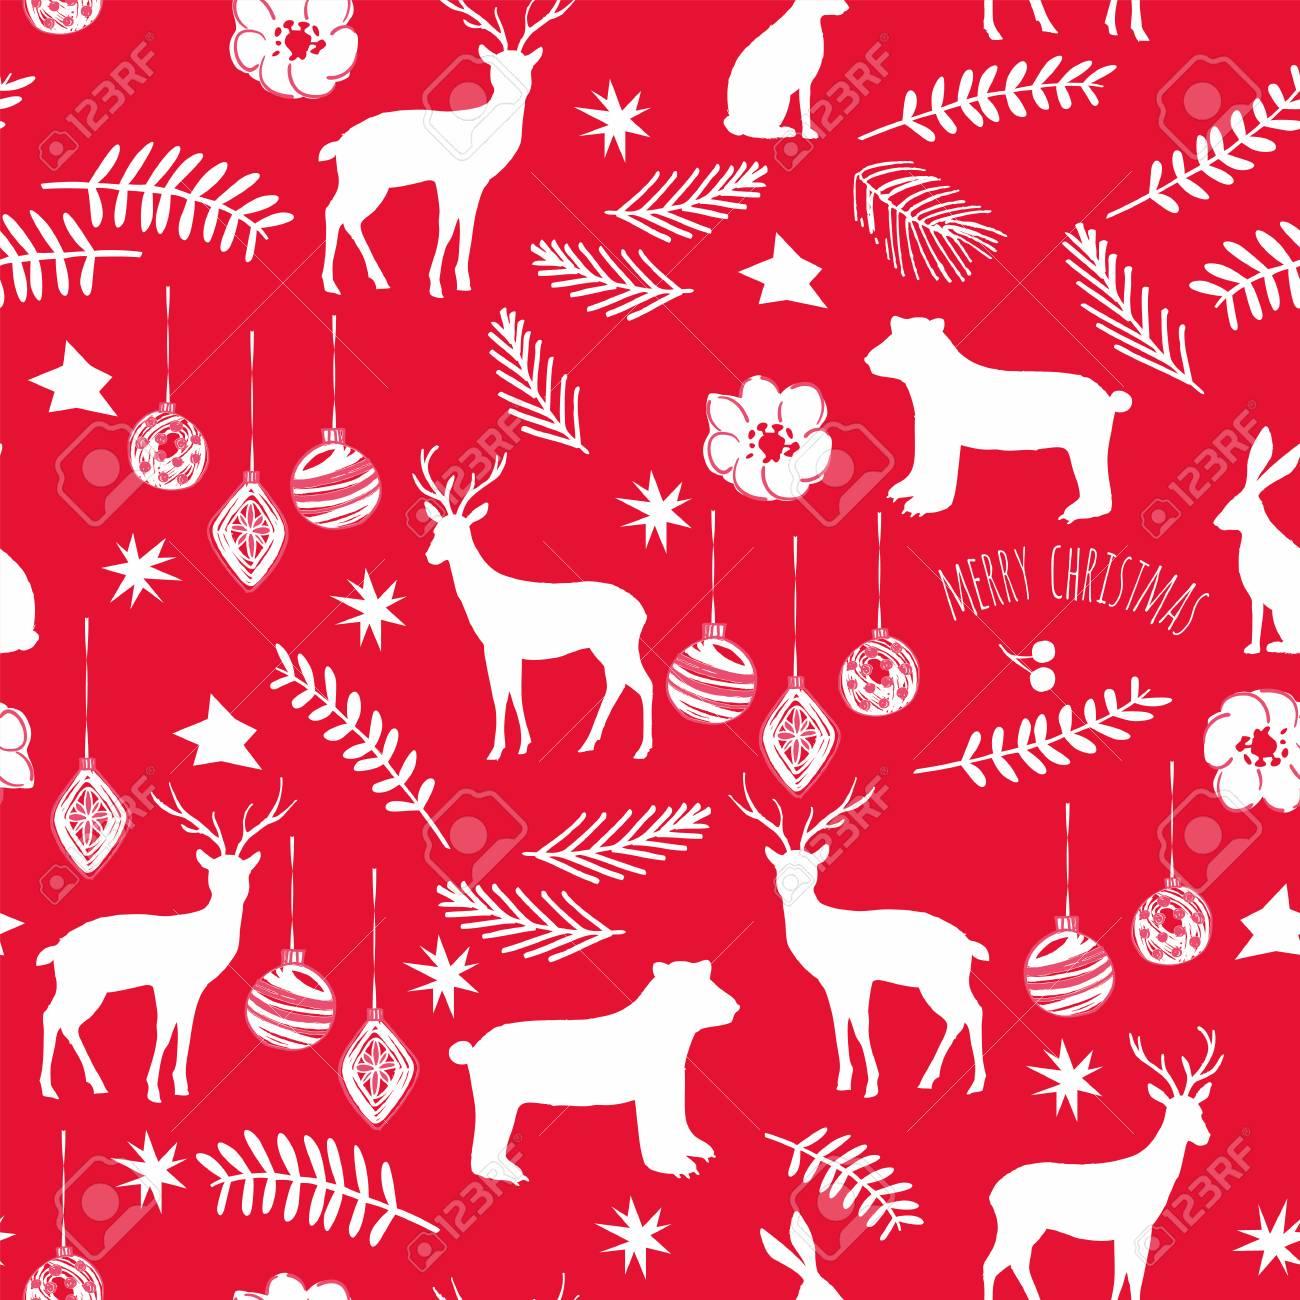 Lema Feliz Navidad. Decoración, Flor, Rama, Estrella, Animales Oso ...